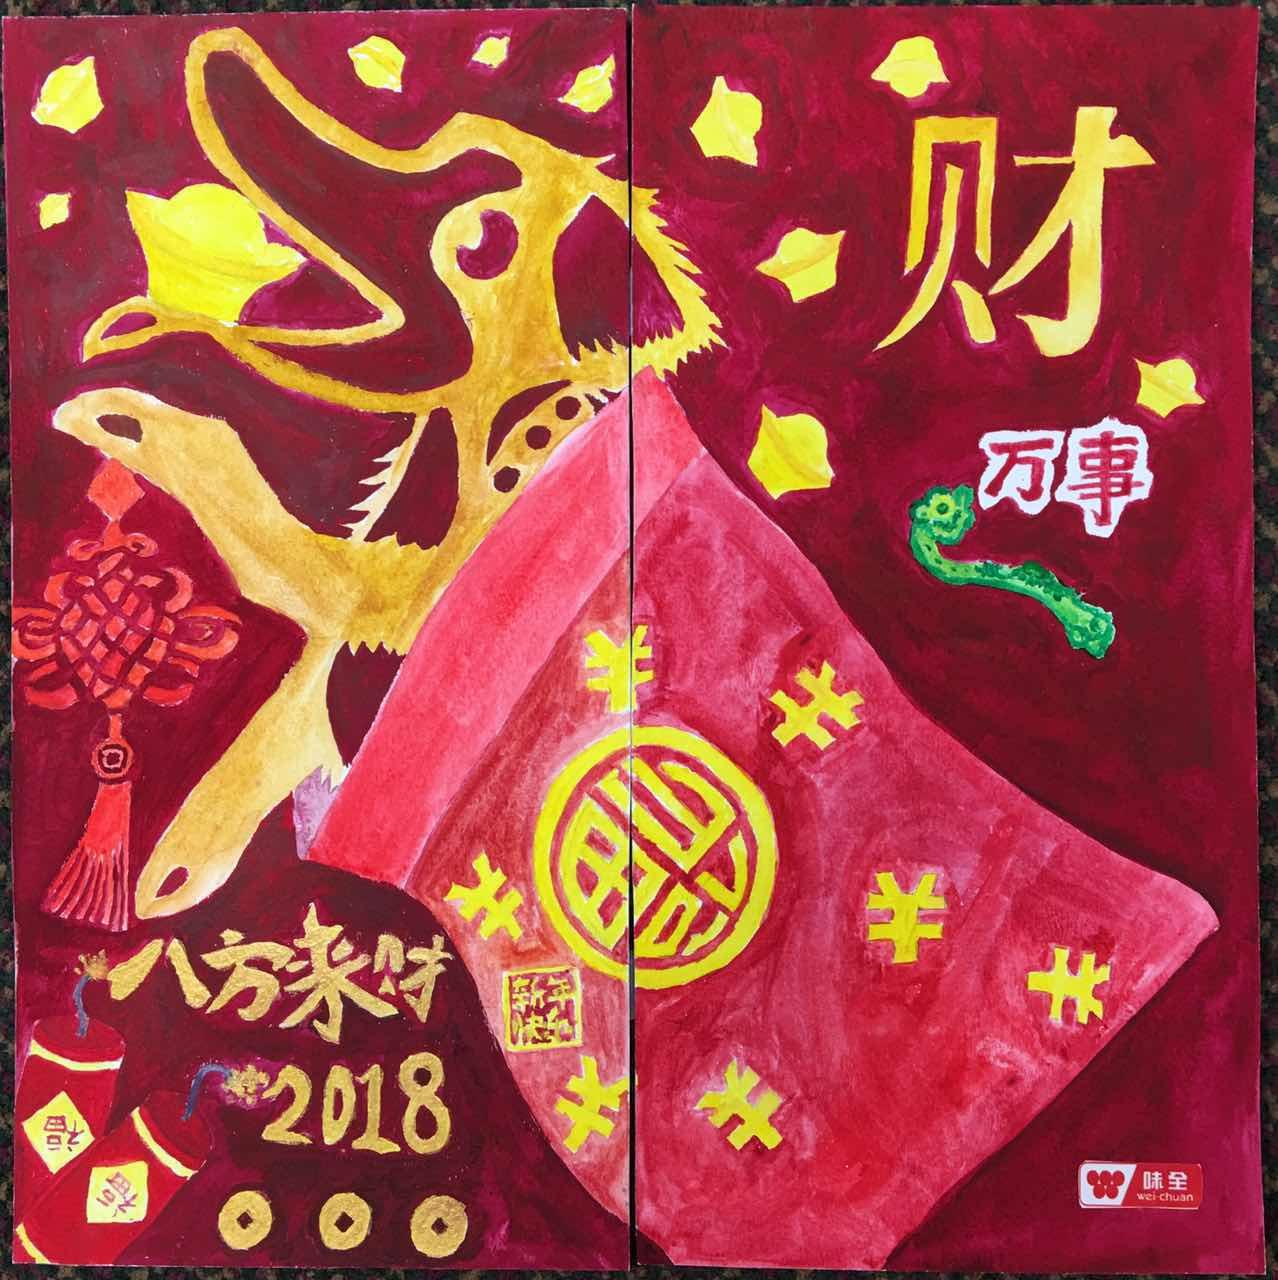 青少年組- Xinyue Lu (史向彬藝術中心)